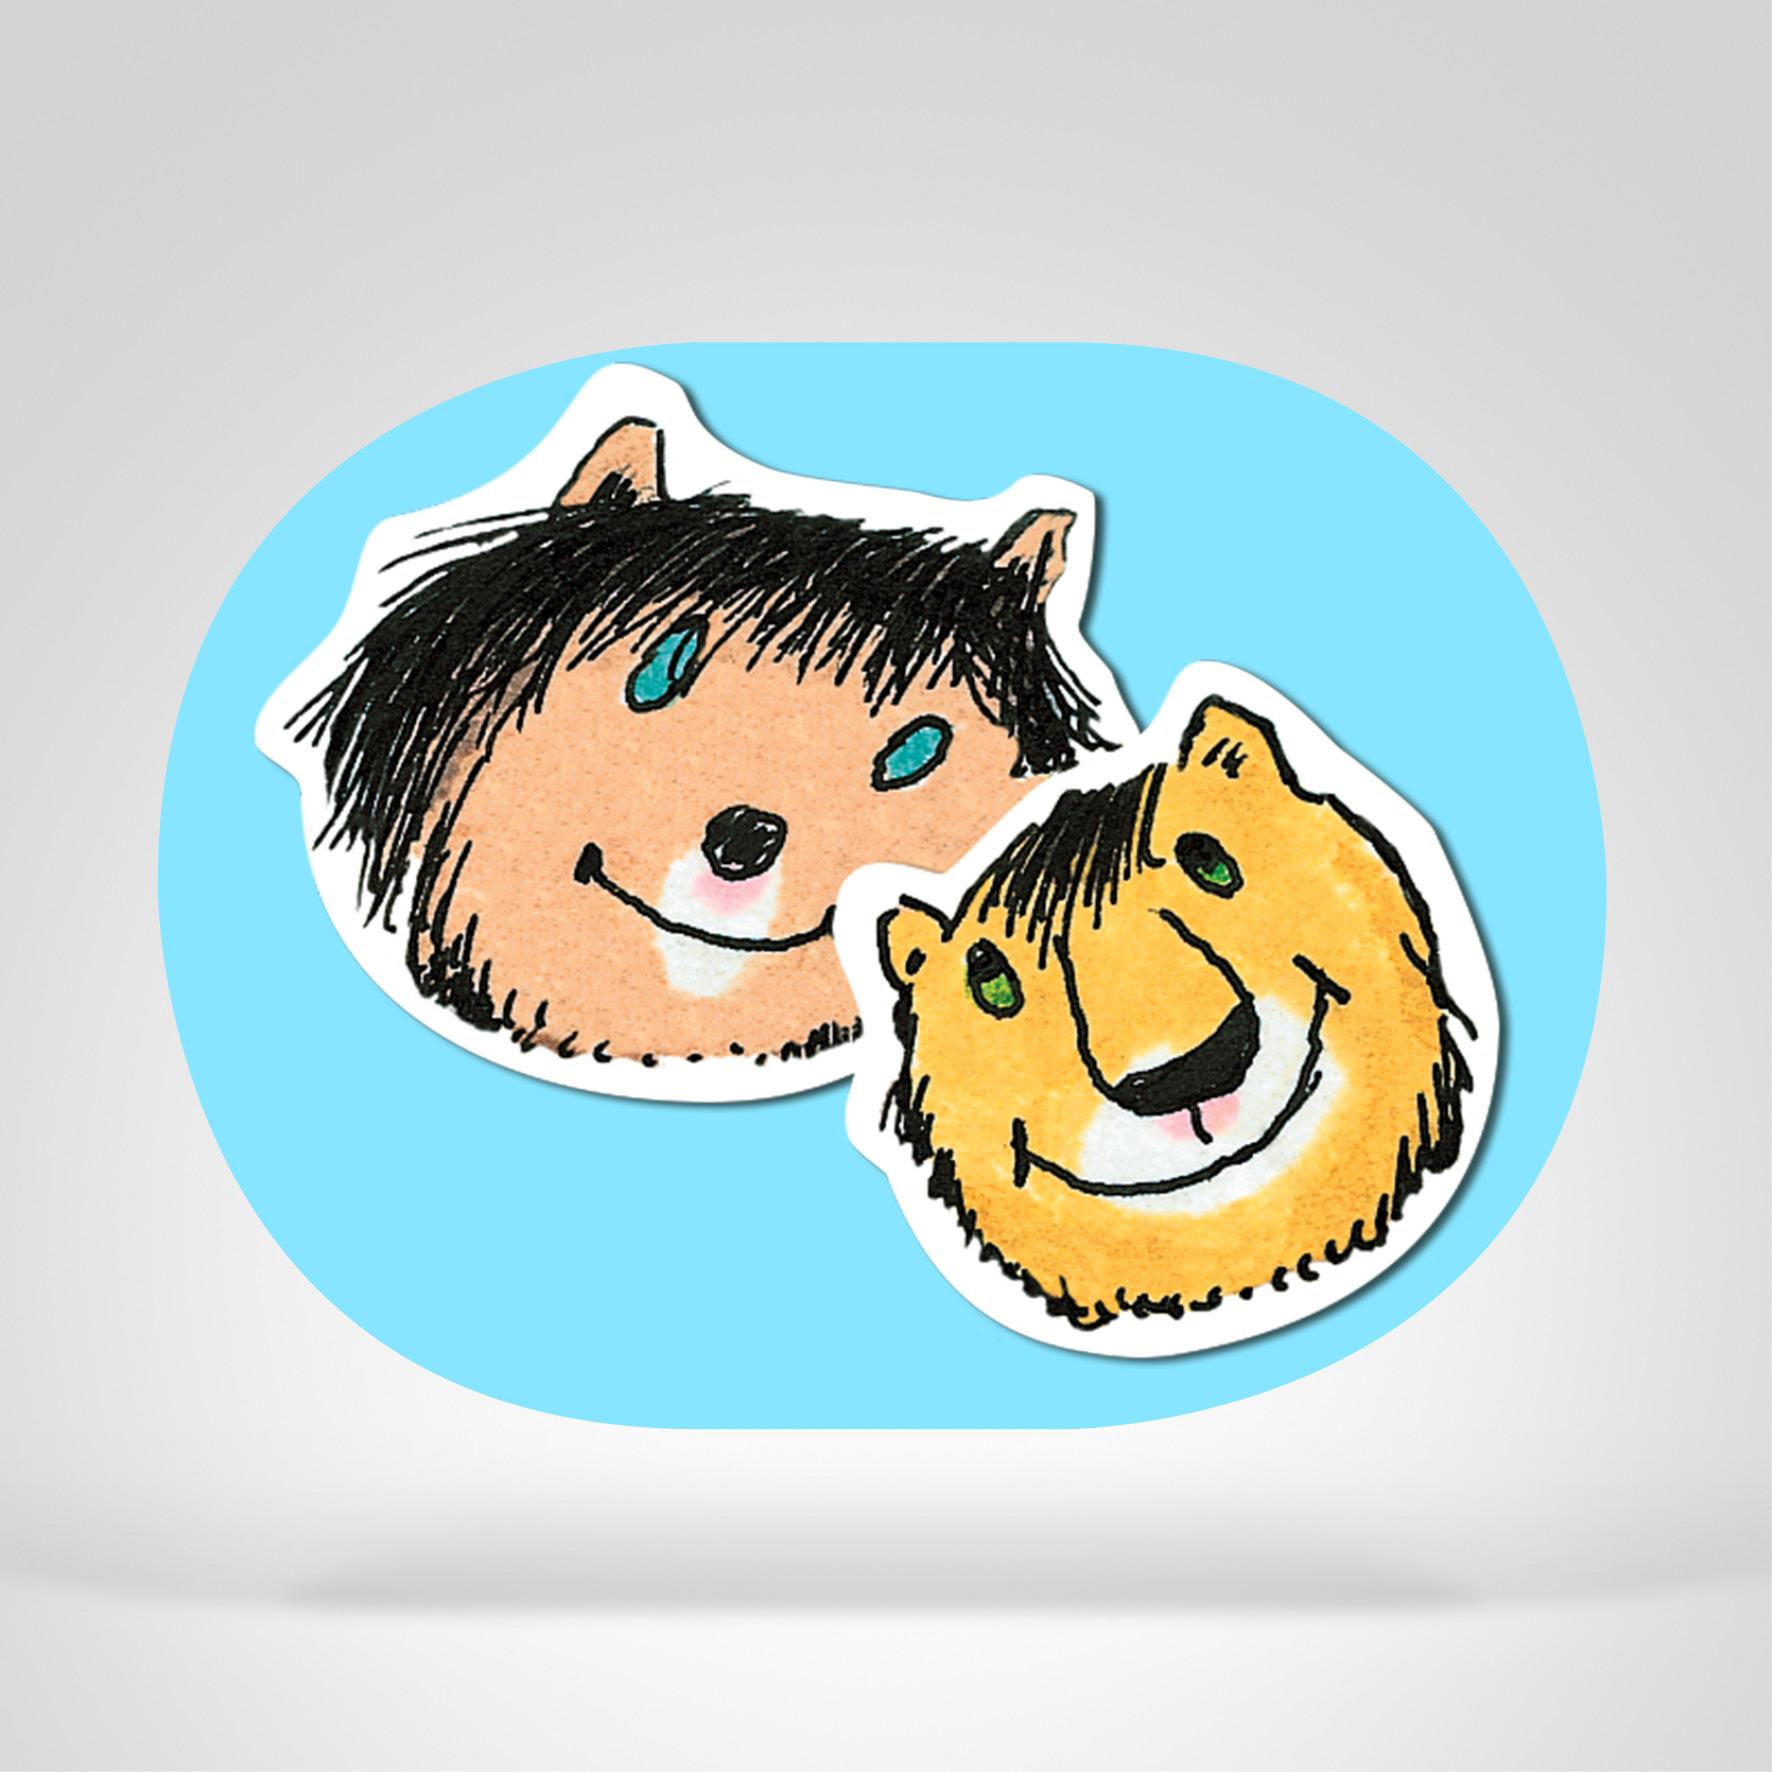 Janosch Stickerpack, Icon-Abbildung